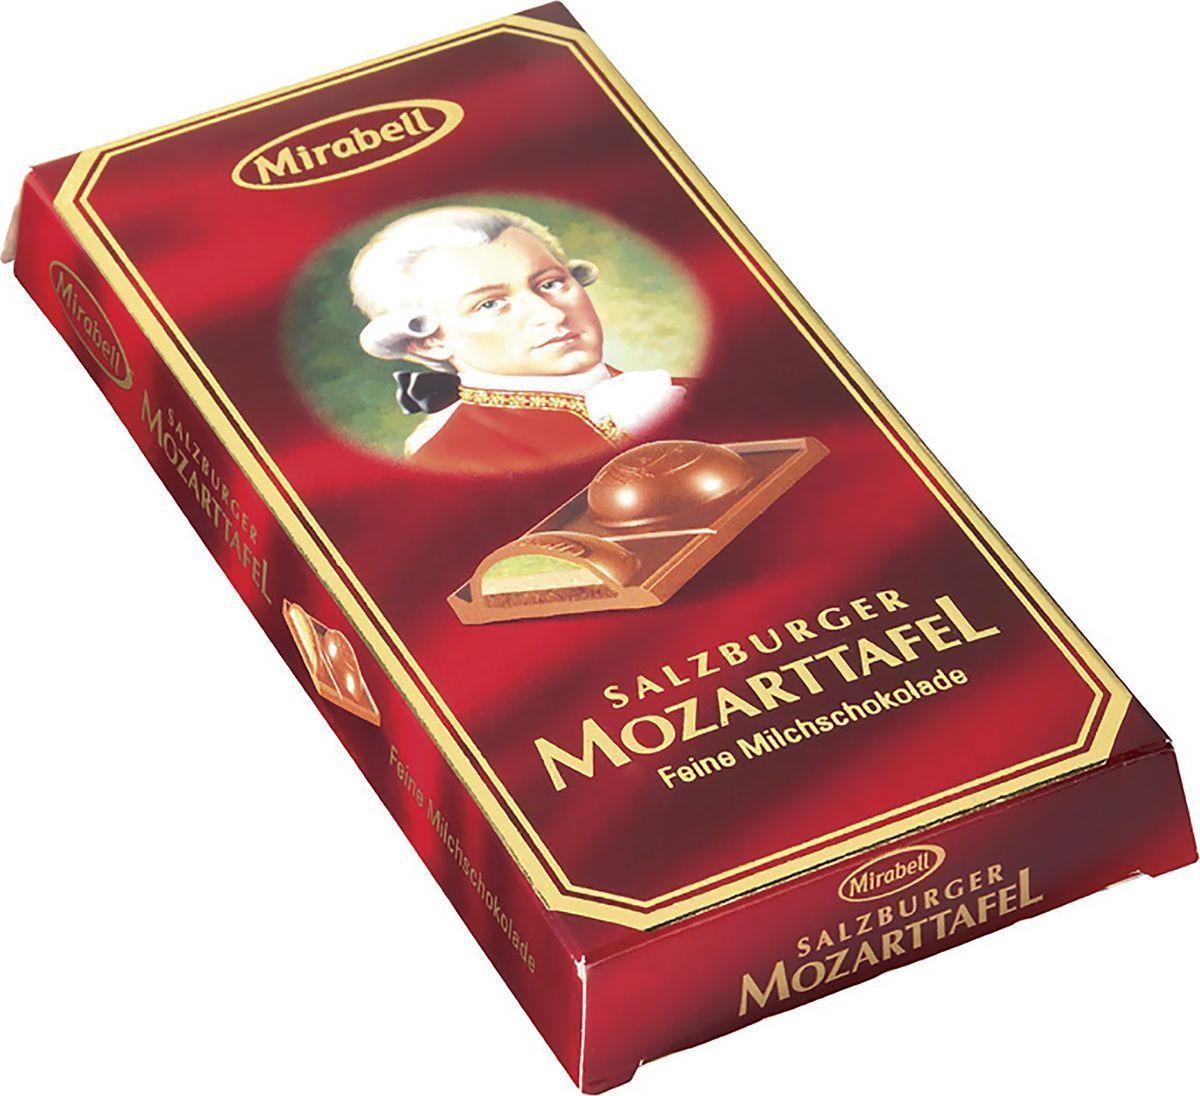 Шоколад молочный Mirabell Mozart, с начинкой, 100 г спартак шоколад молочный 500 г